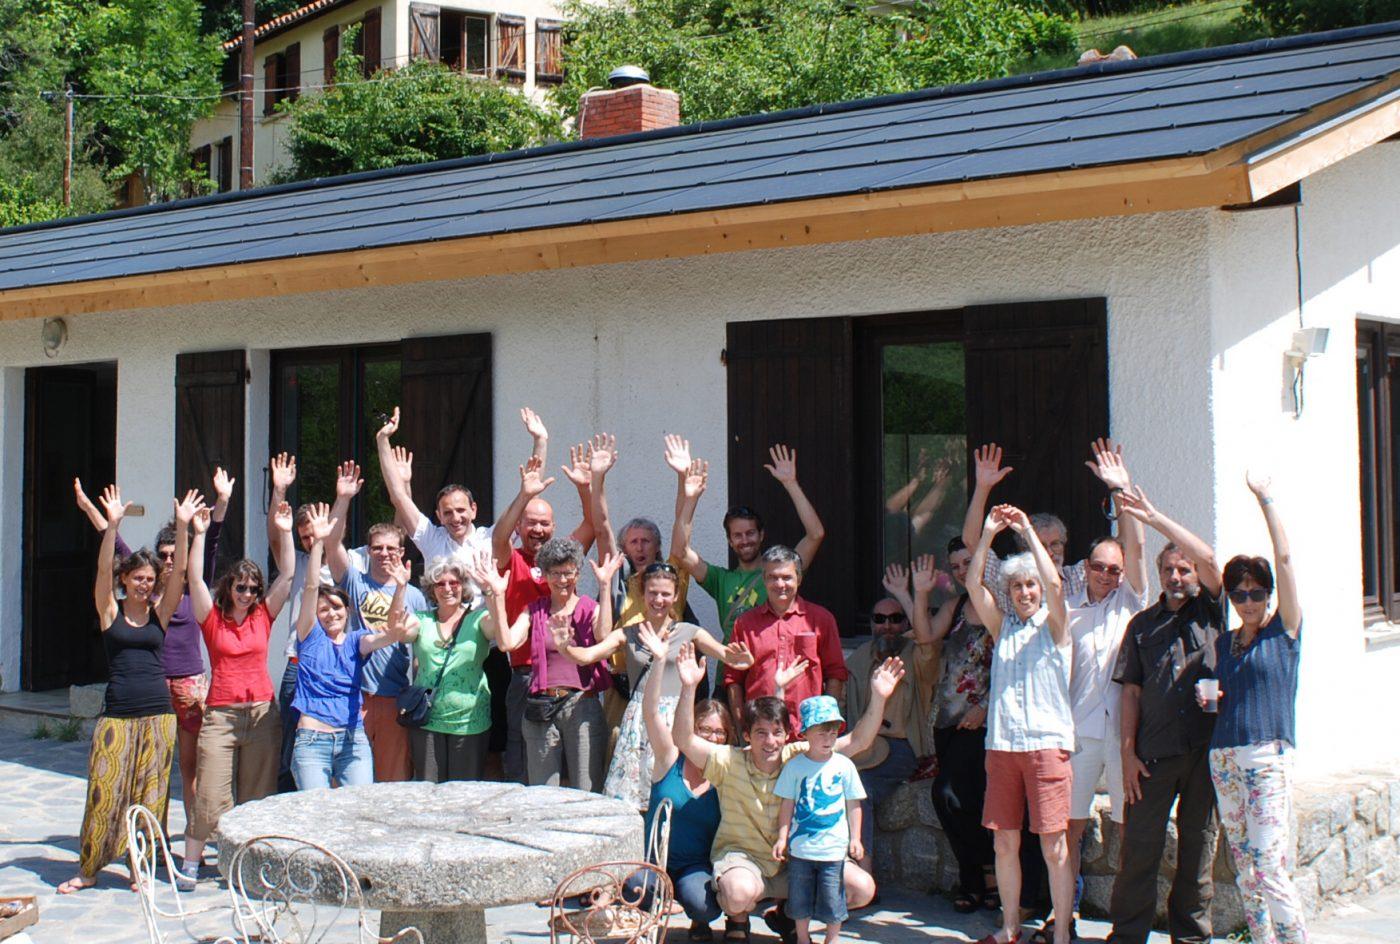 Centrale photovoltaïque de 9 kWc de la coopérative citoyenne Conflent Énergie sur le toit du réfectoire du centre d'accueil et d'éducation à l'environnement de la Coûme, géré par la fondation Krüger